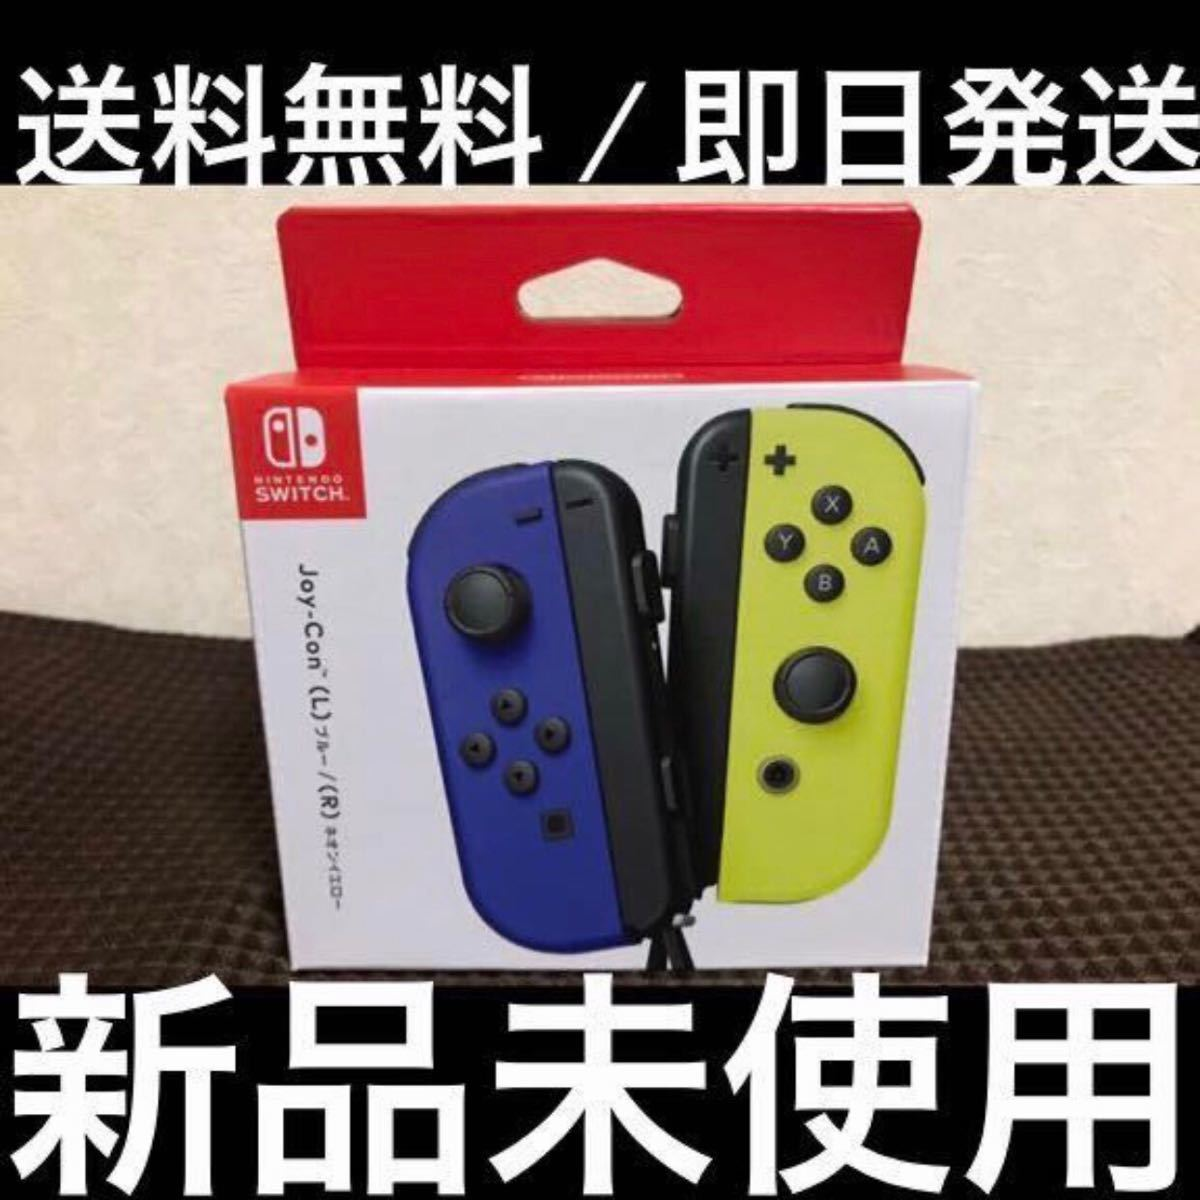 【新品未使用/即日発送】Nintendo Switch Joy-Con ジョイコン ブルー(L)/ネオンイエロー(R)